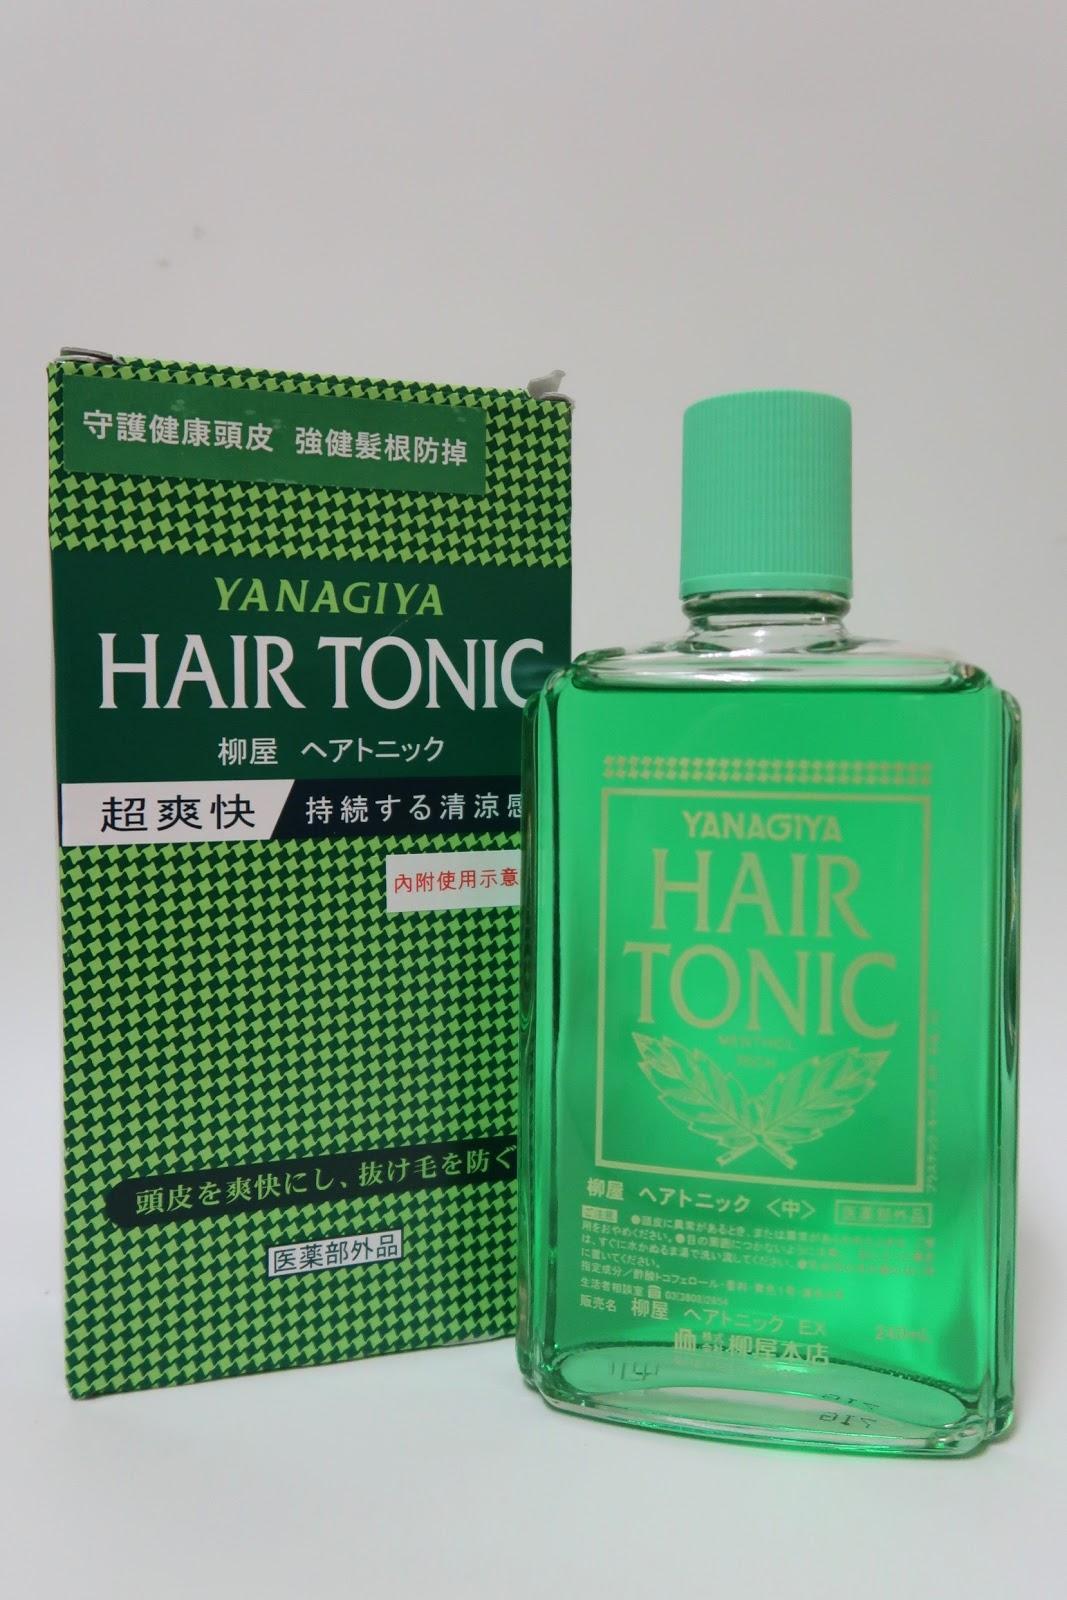 頭皮護膚品-柳屋髮根營養液 Yanagiya Hair Tonic | jobeauty – U Blog 博客